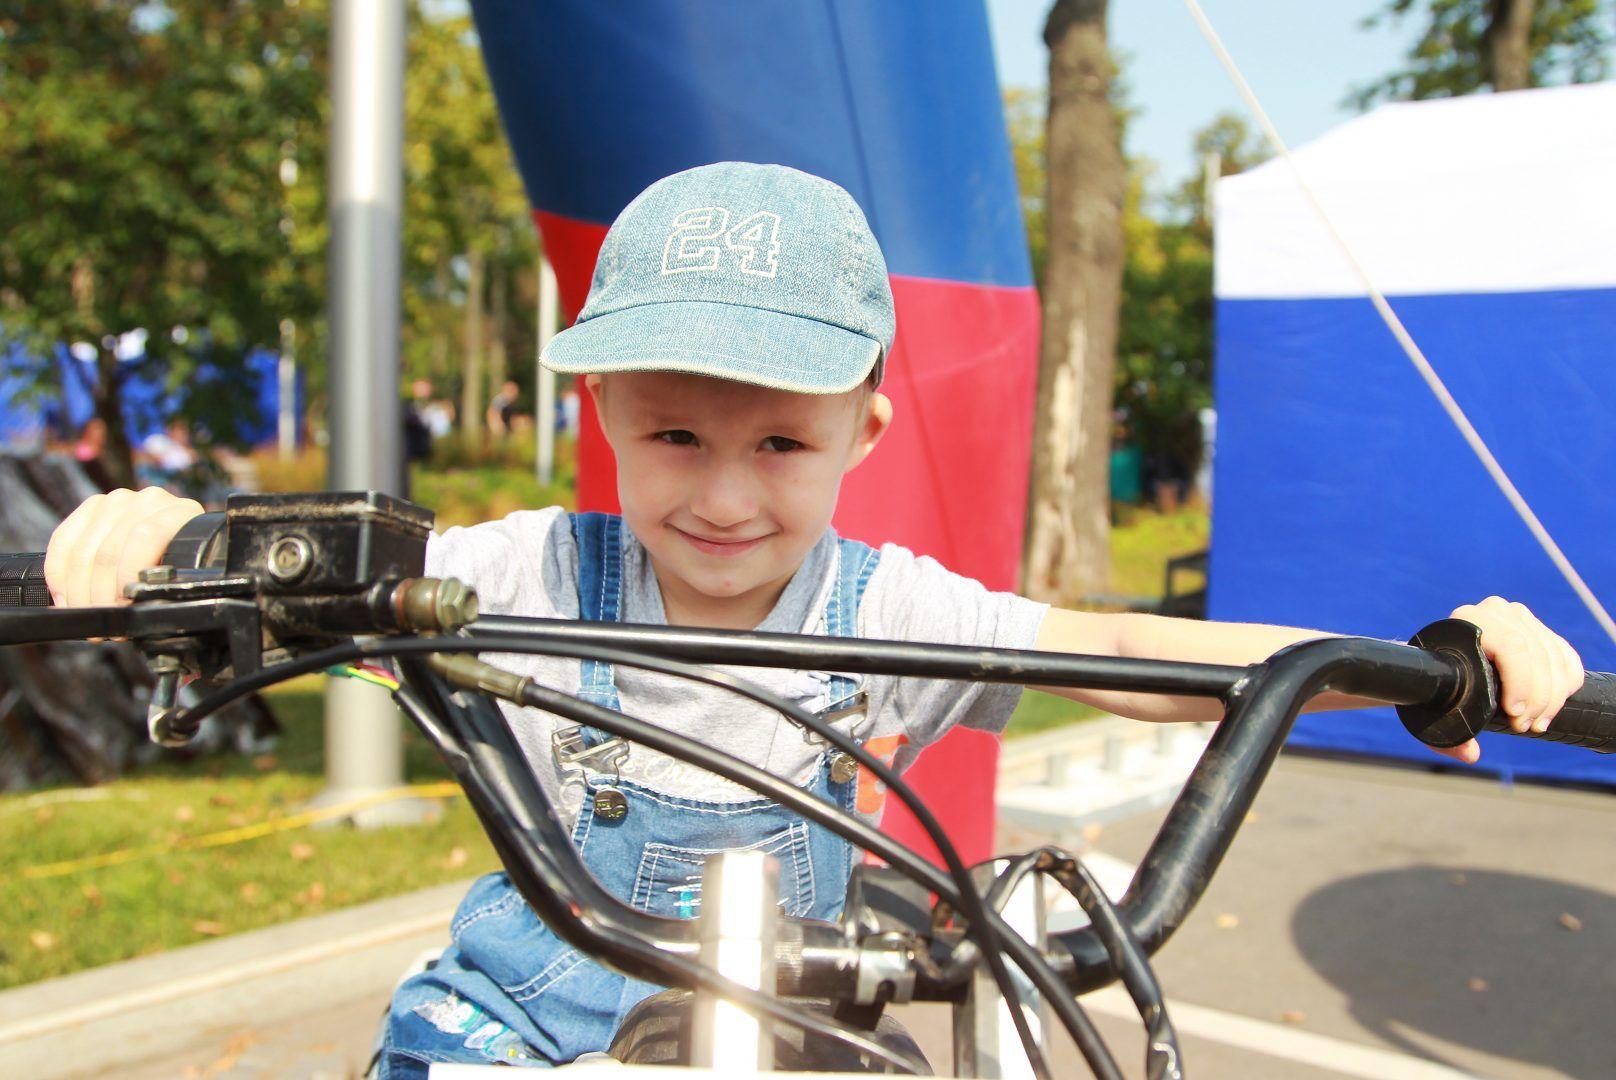 Спортсмены из Краснопахорского выступили на соревнованиях по велоспорту в Латвии. Фото: Наталия Нечаева, «Вечерняя Москва»